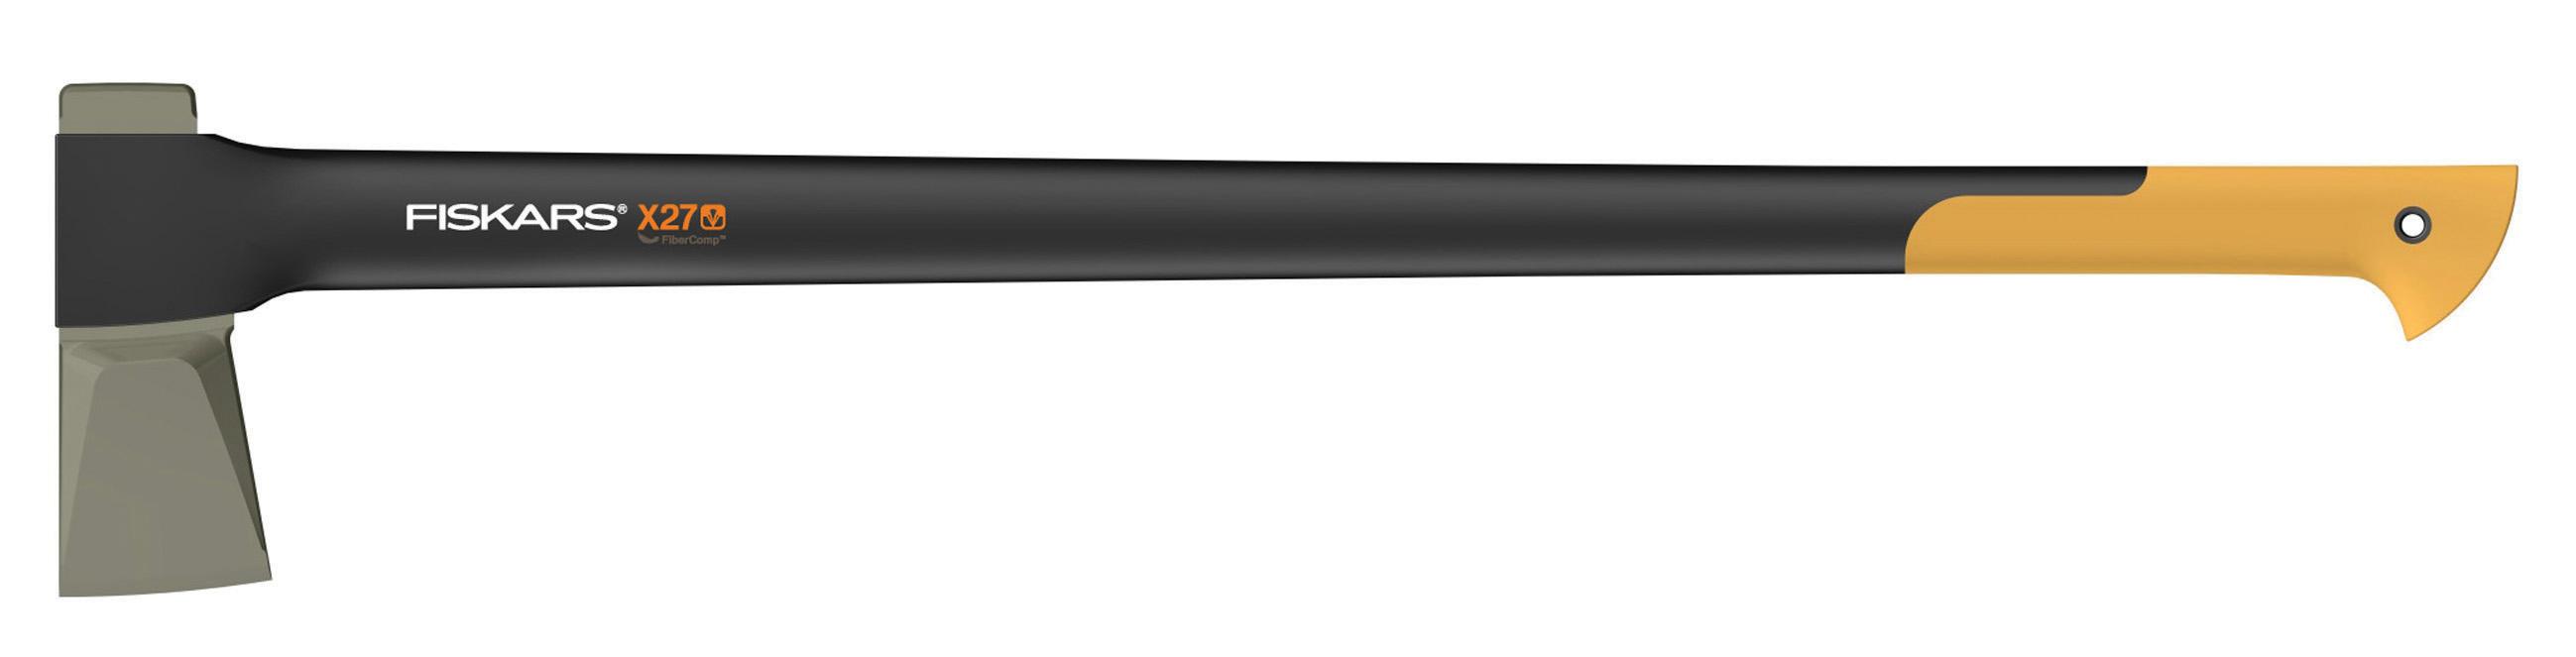 Fiskars - Splitting Axe X27